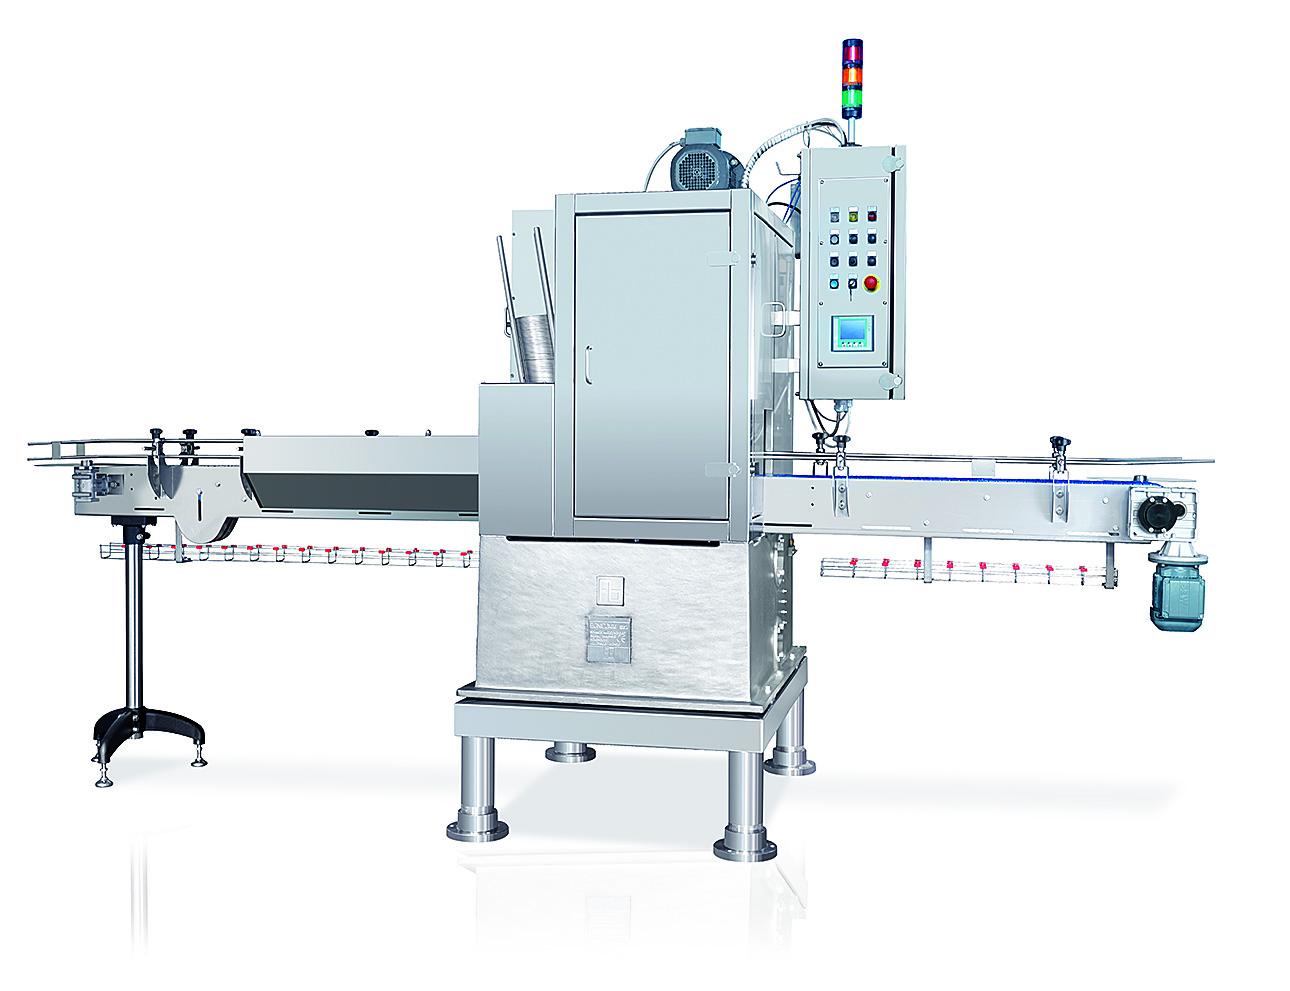 macchine industriali affidabili, le migliori macchine aggraffatrici industriali, macchina aggraffatrice migliore, Bonicomm